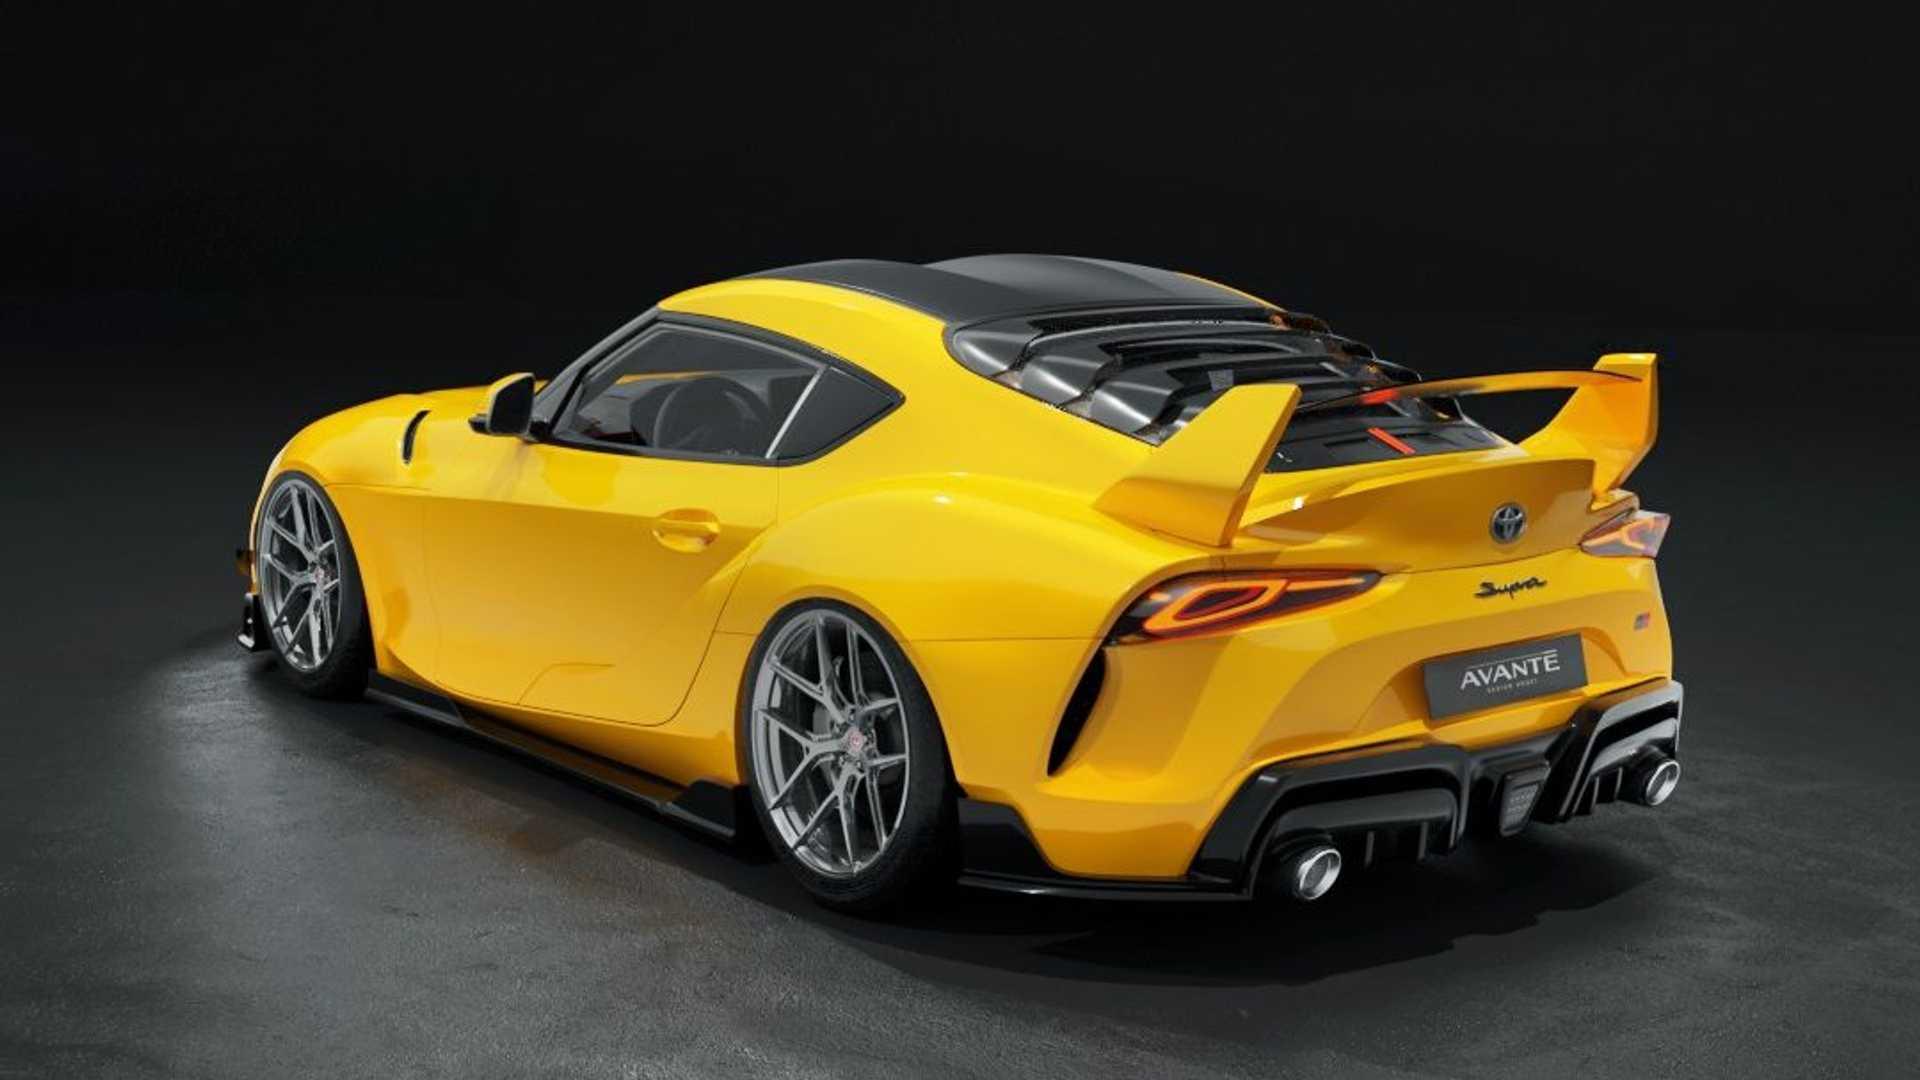 Toyota-Supra-by-Avante-Design-8